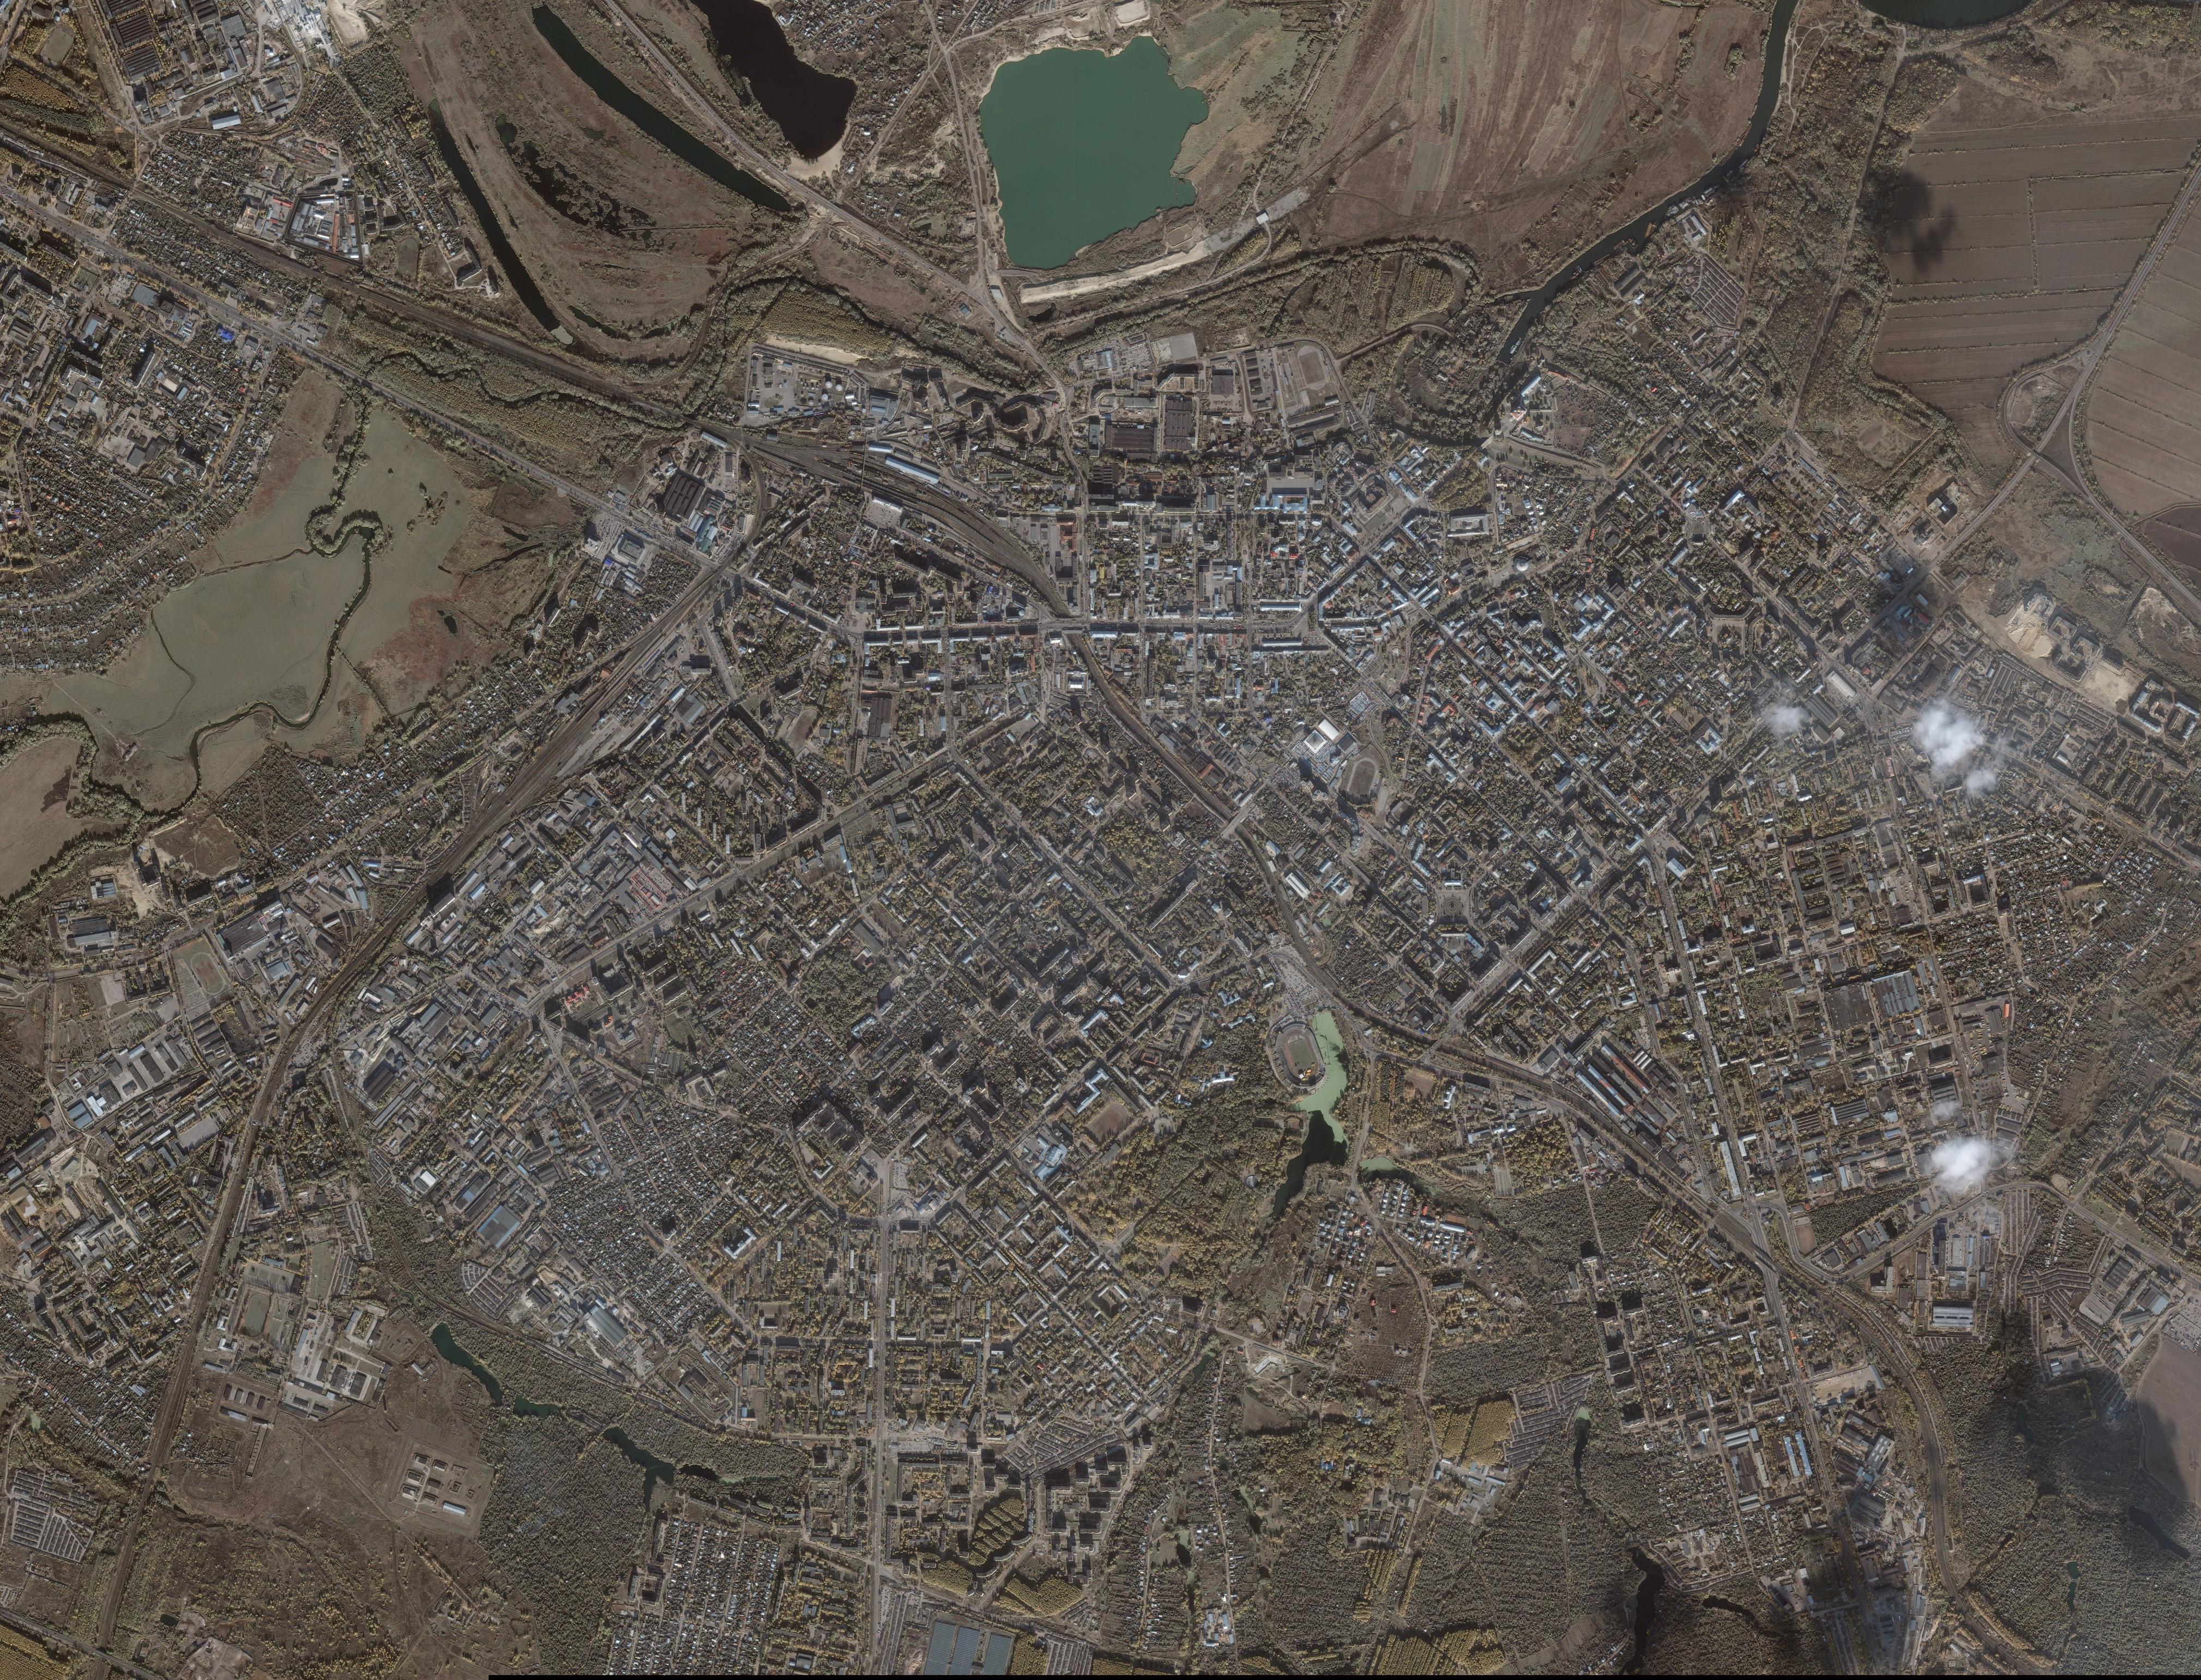 четкие фото со спутника в реальном времени однолетний обычно